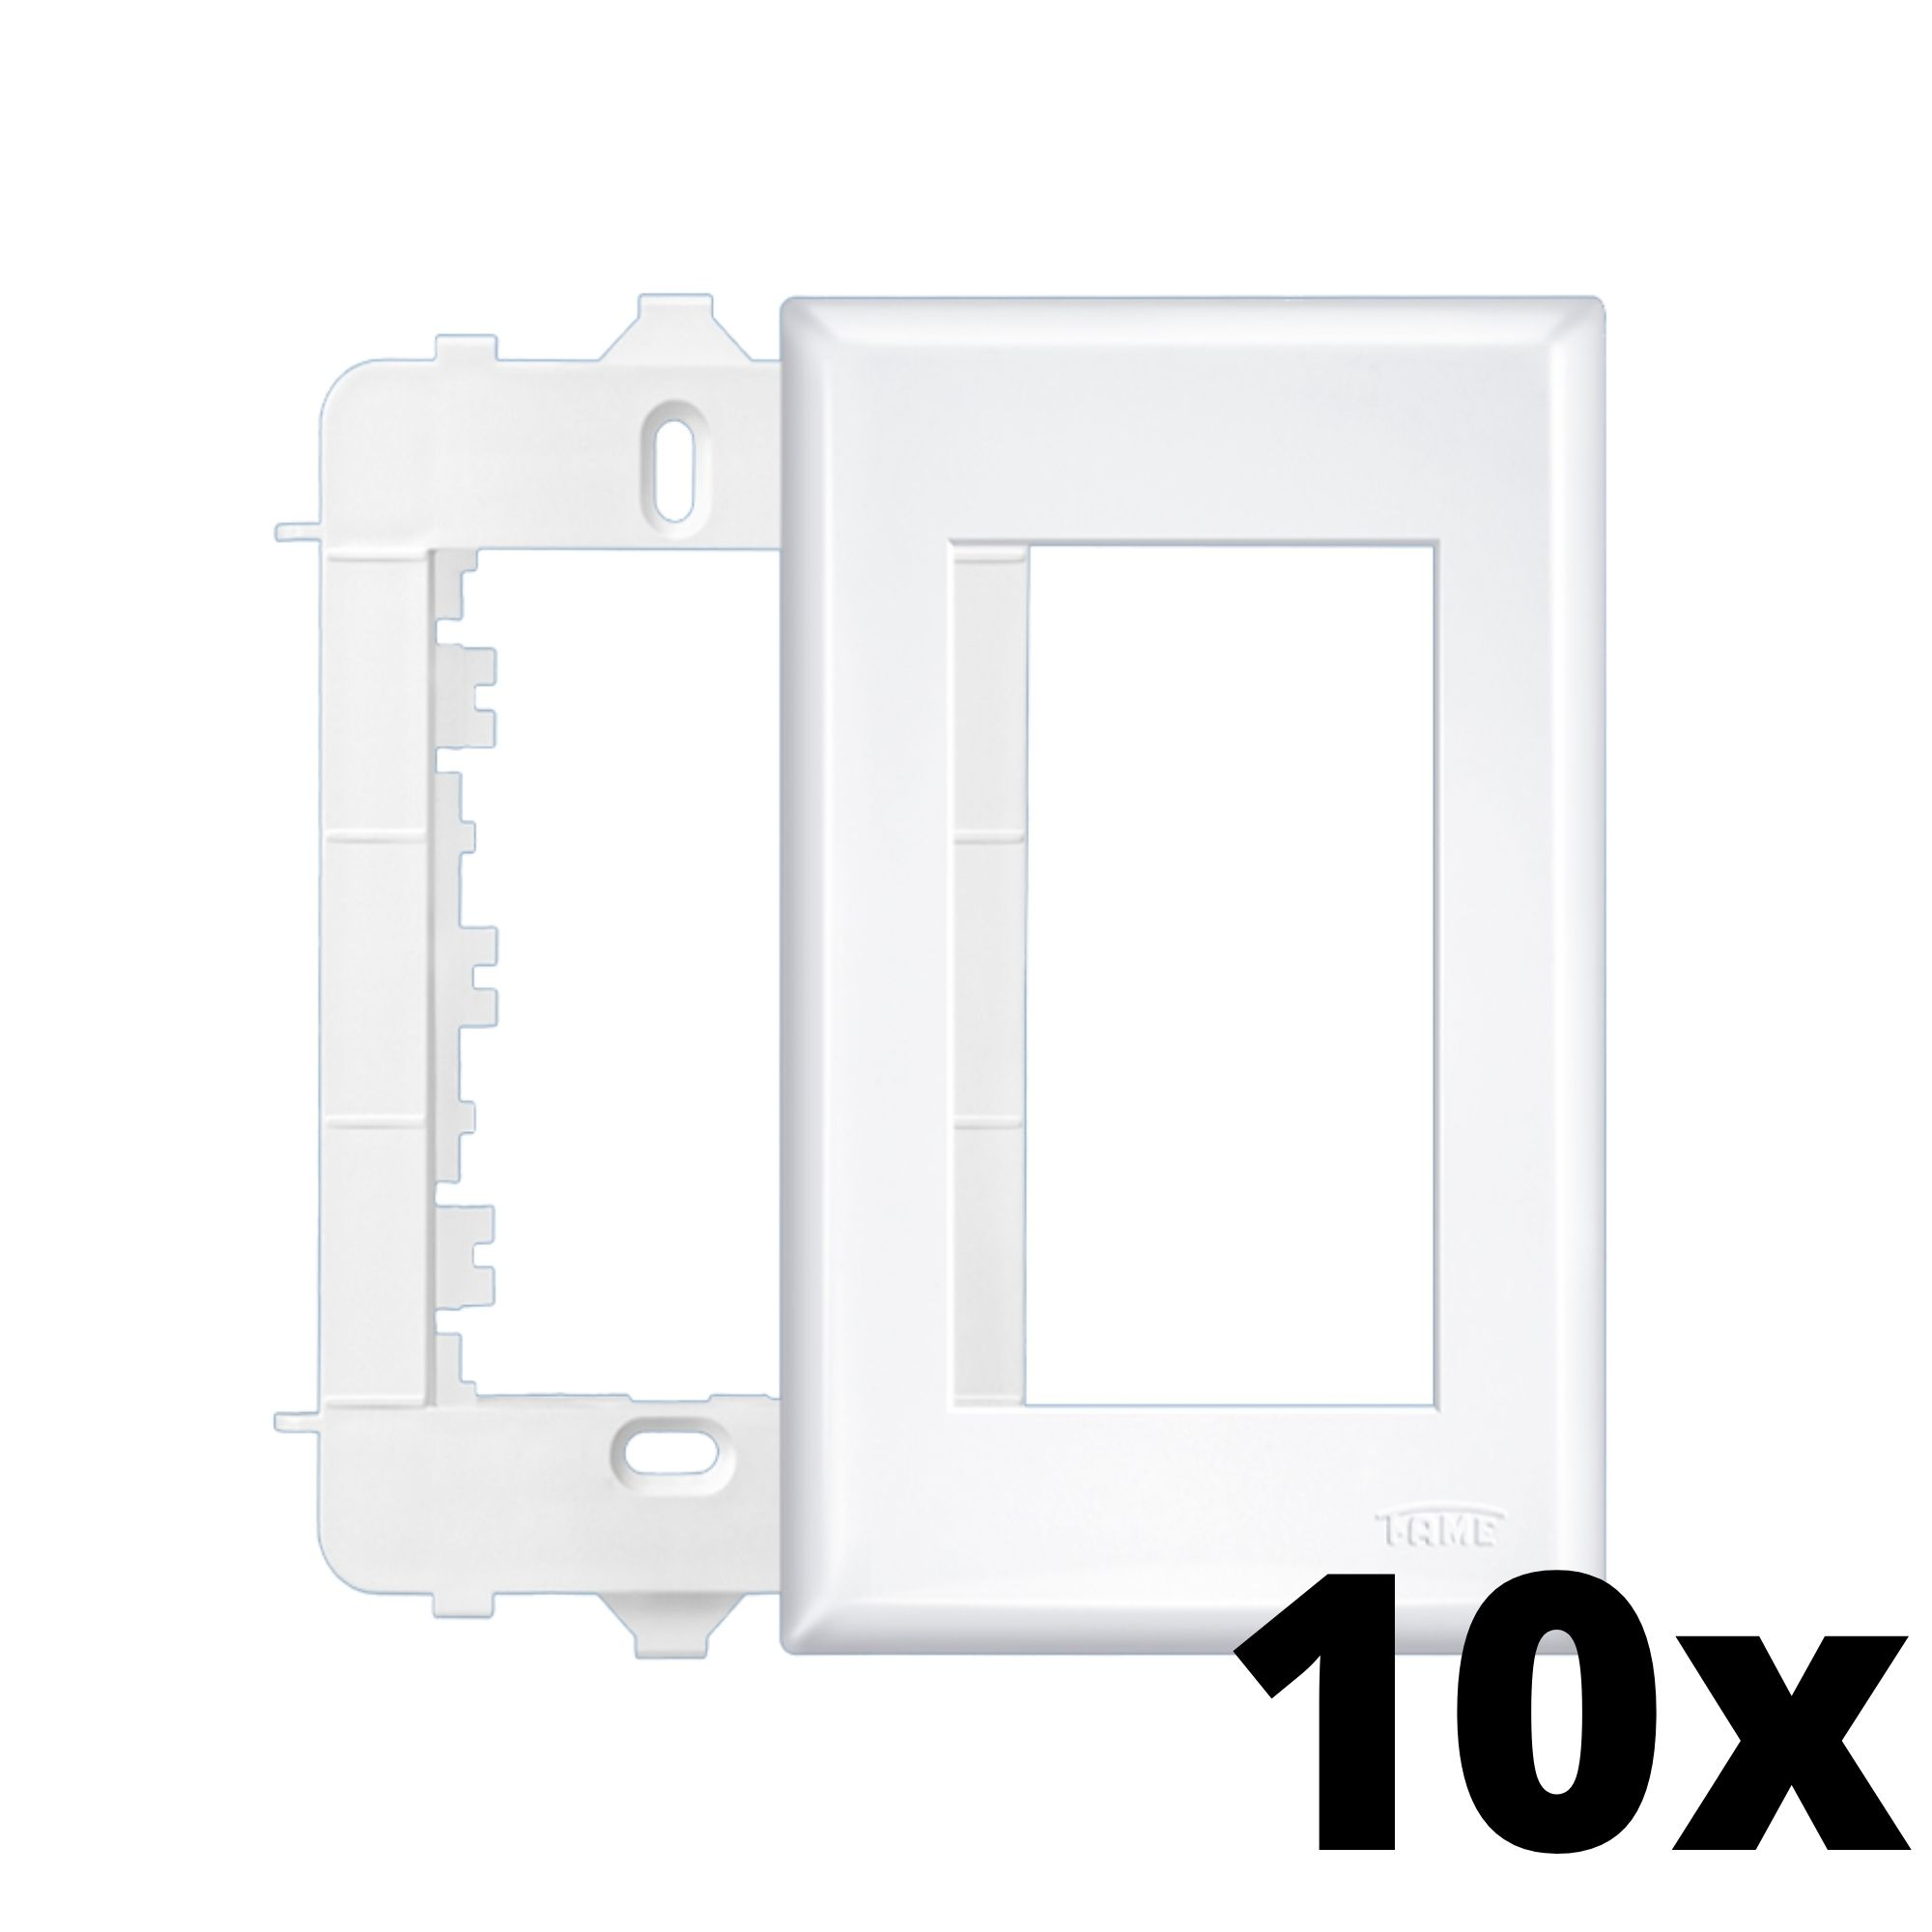 Kit 10 und Evidence Placa 4x2 3 Seções